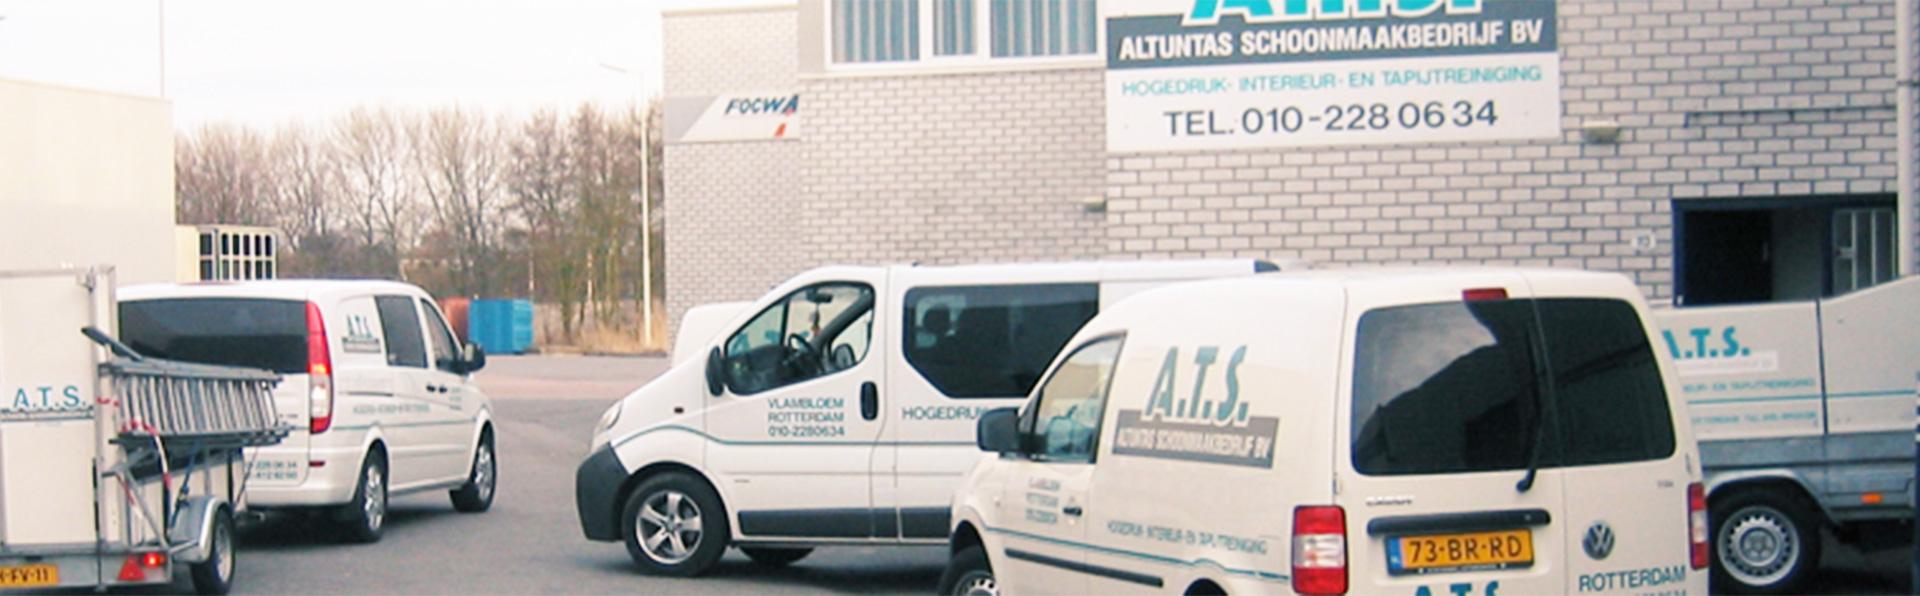 Schoonmaakbedrijf-Schiedam-ATS-header